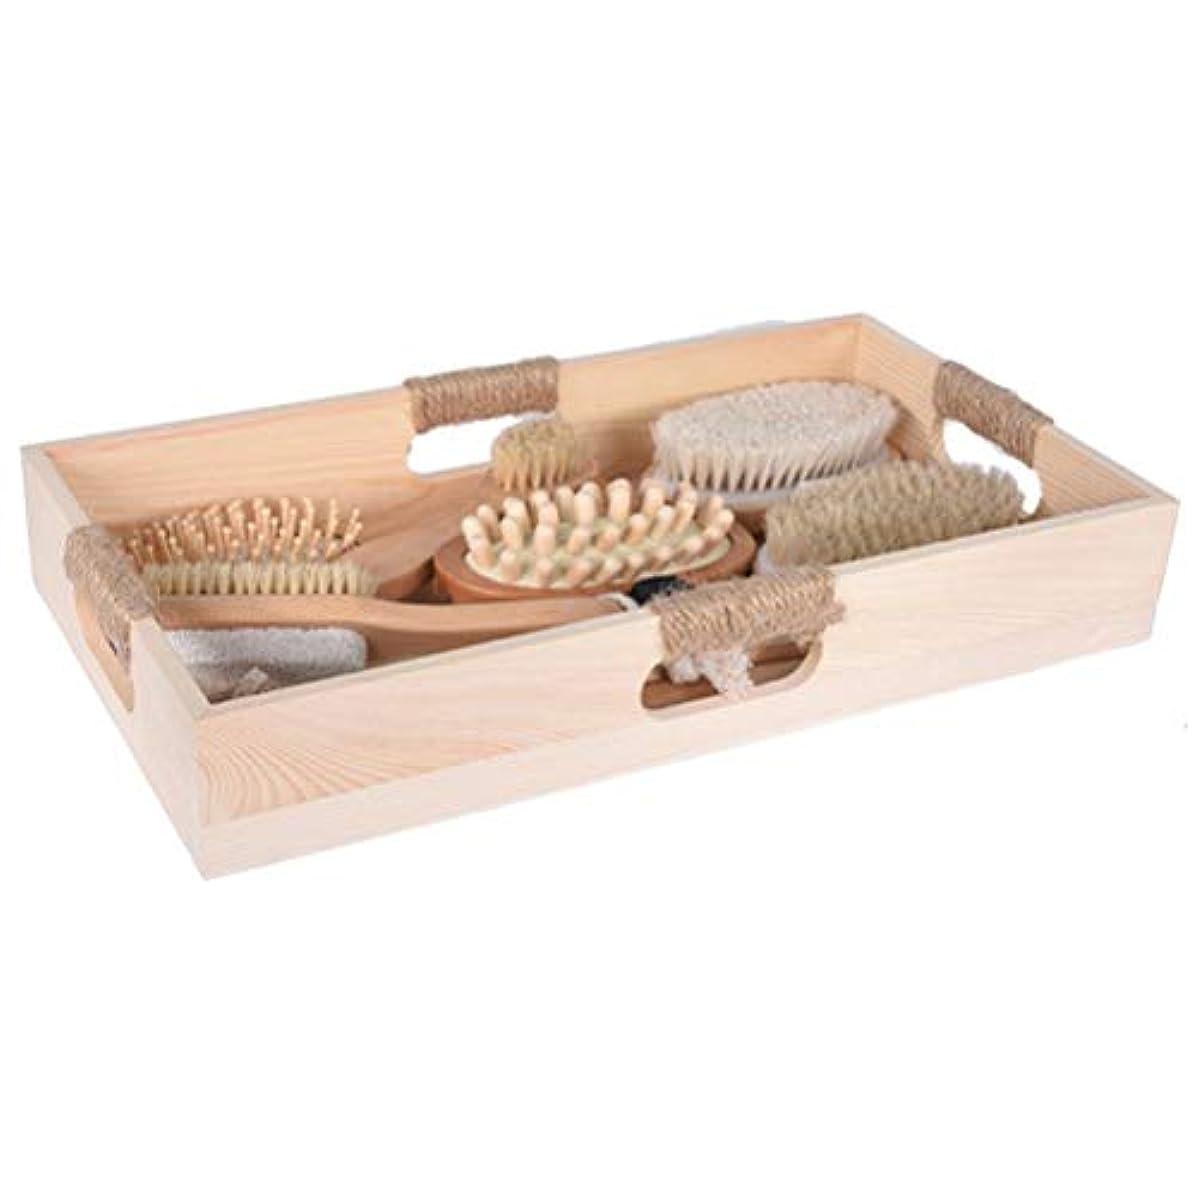 沈黙有力者好色なHealifty 6ピース入浴ボディブラシマッサージブラシ木製ハンドルセルライトマッサージフットファイルブラシヘアマッサージ櫛で収納トレイ